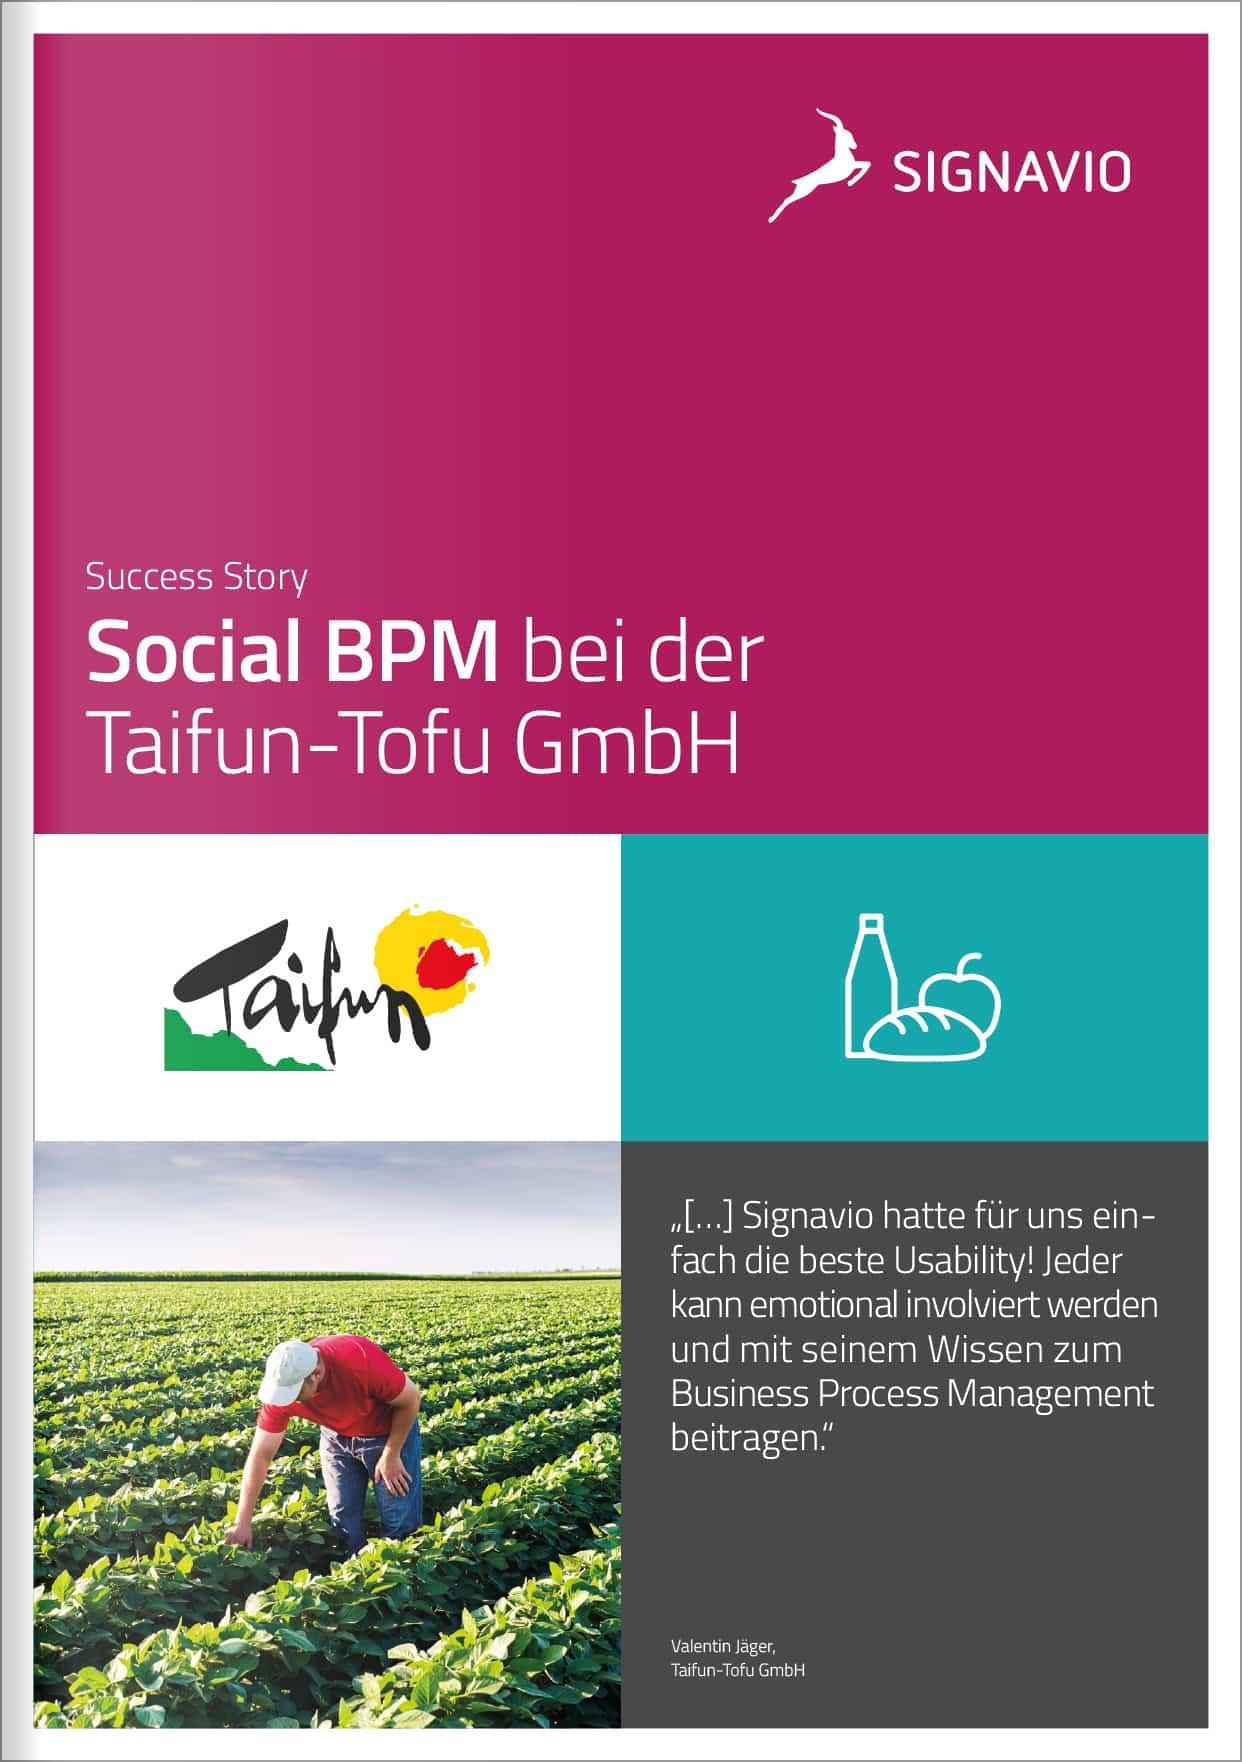 Social BPM bei der Taifun-Tofu GmbH